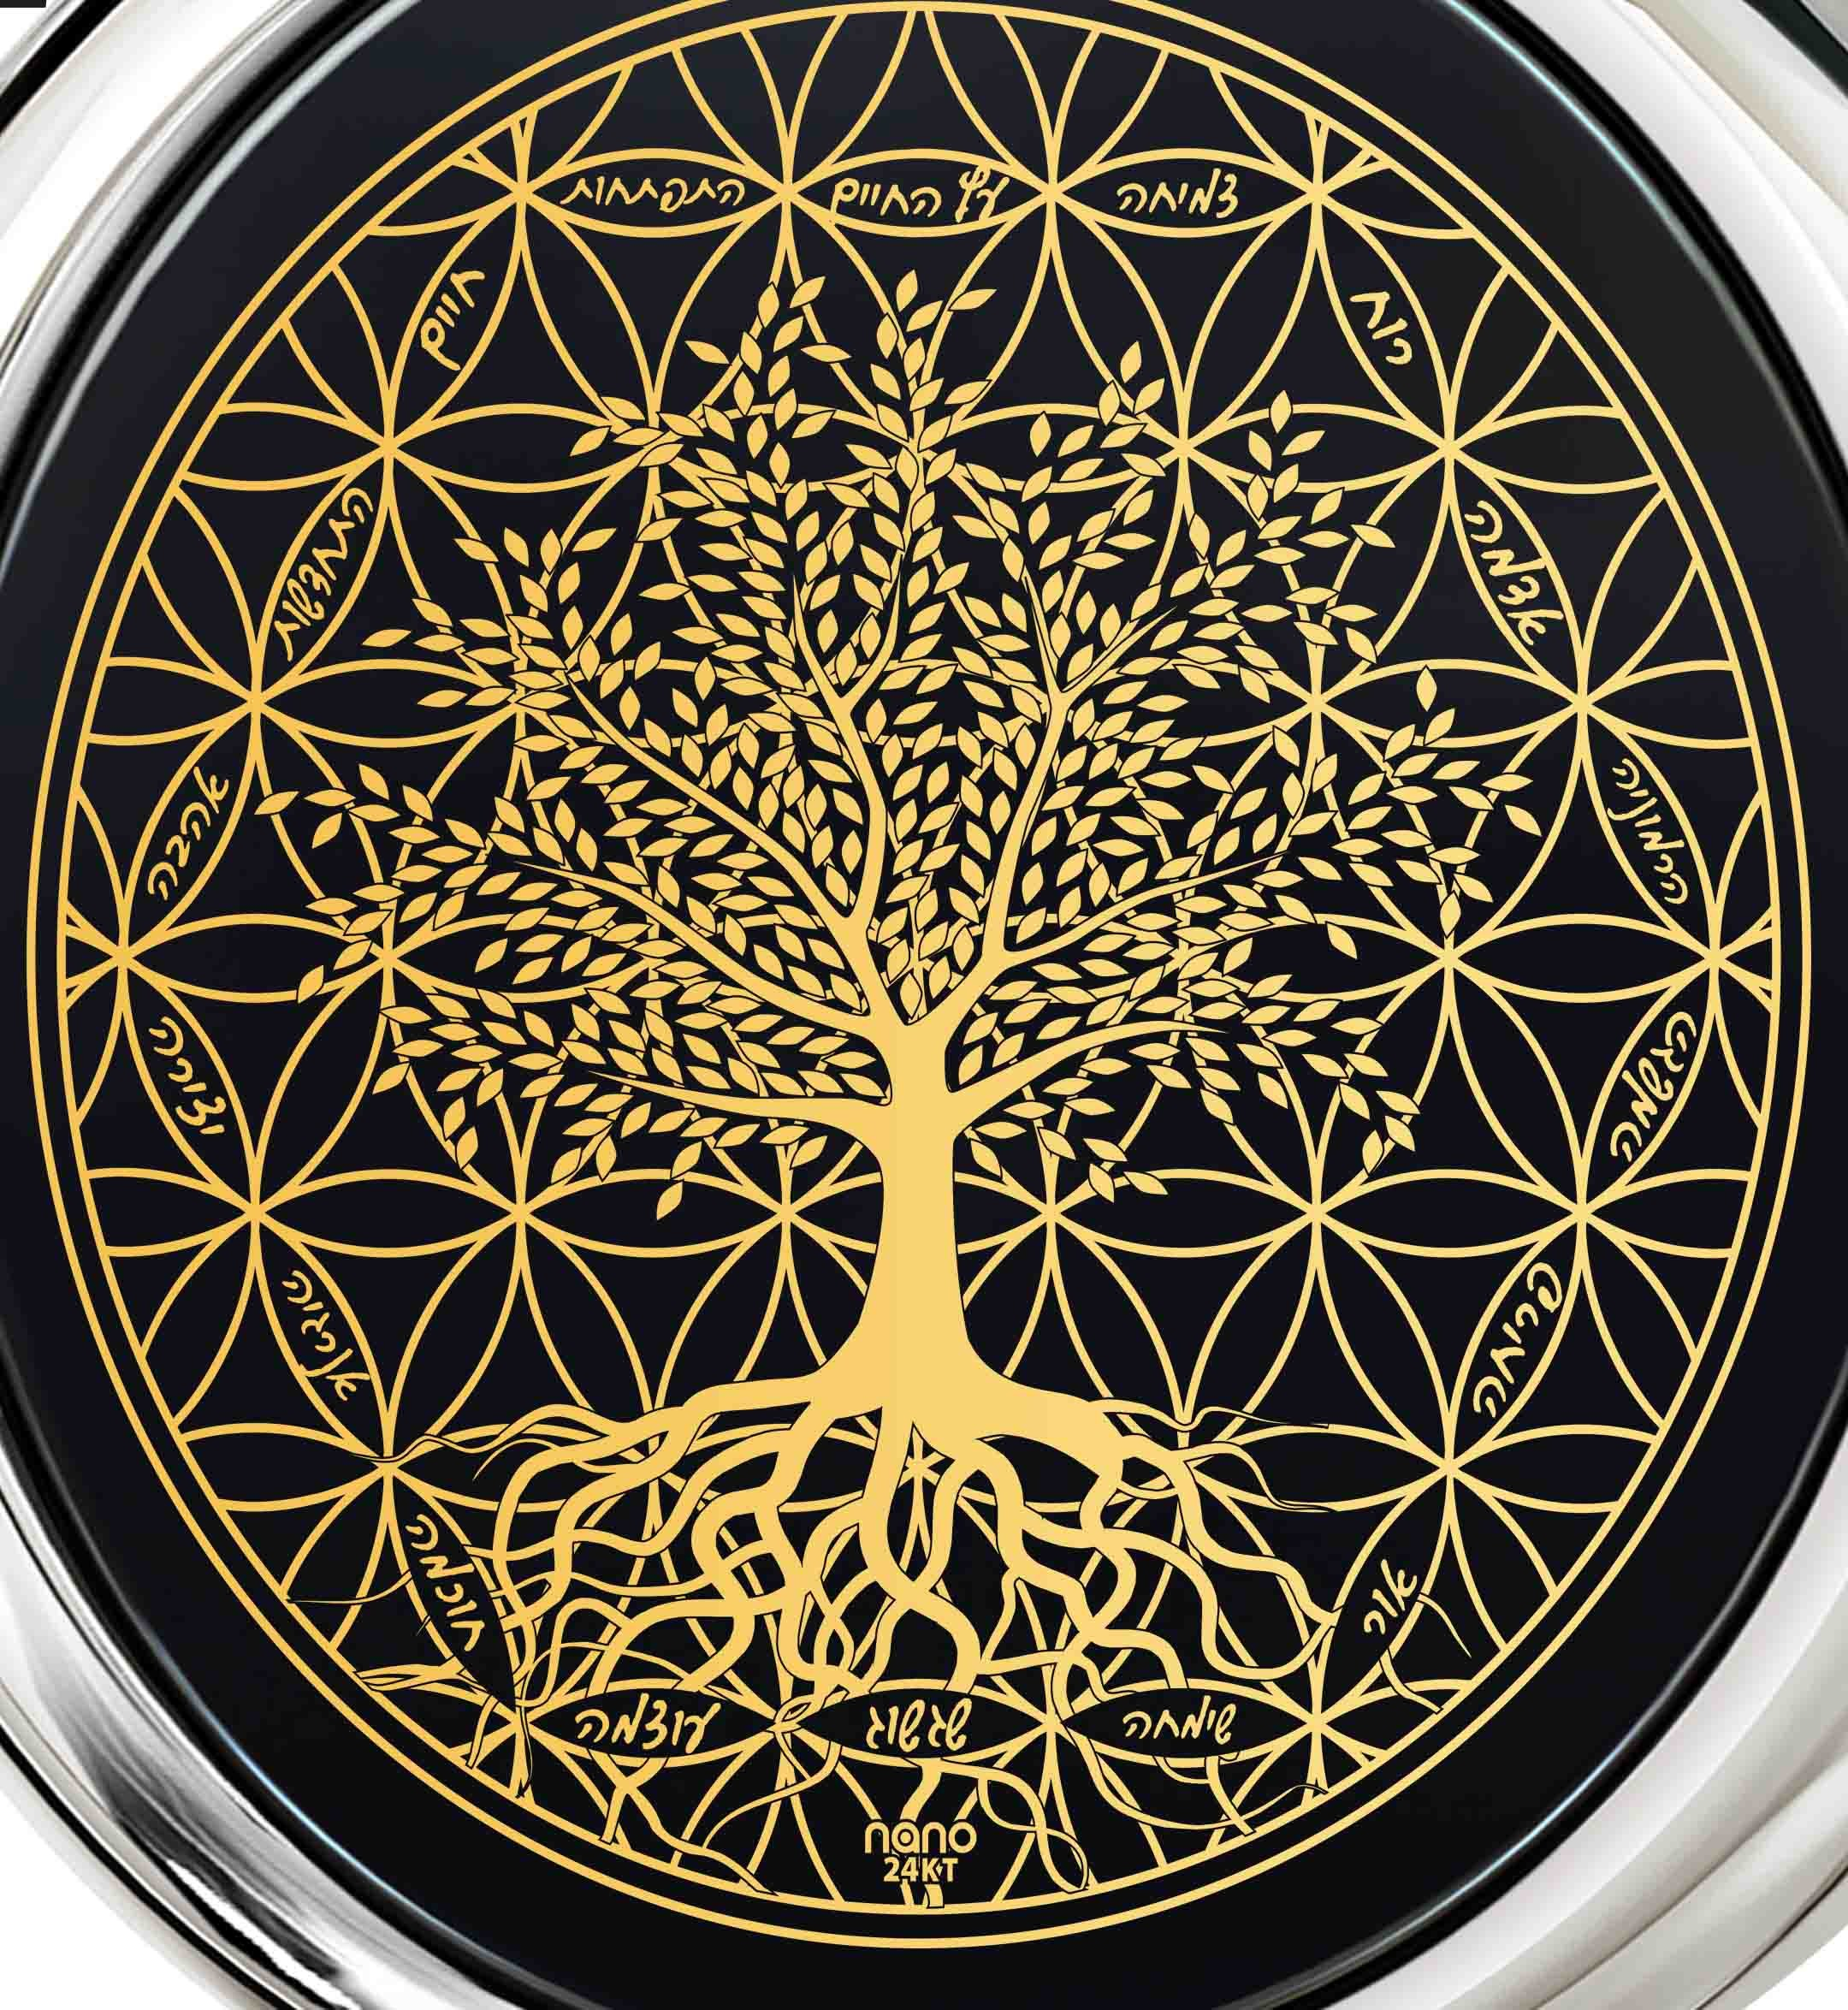 מתנת יום הולדת לאישה - שרשרת עץ החיים עם מילות העצמה - ננו תכשיטיםמתנת יום הולדת לאישה - שרשרת עץ החיים עם מילות העצמה - ננו תכשיטים